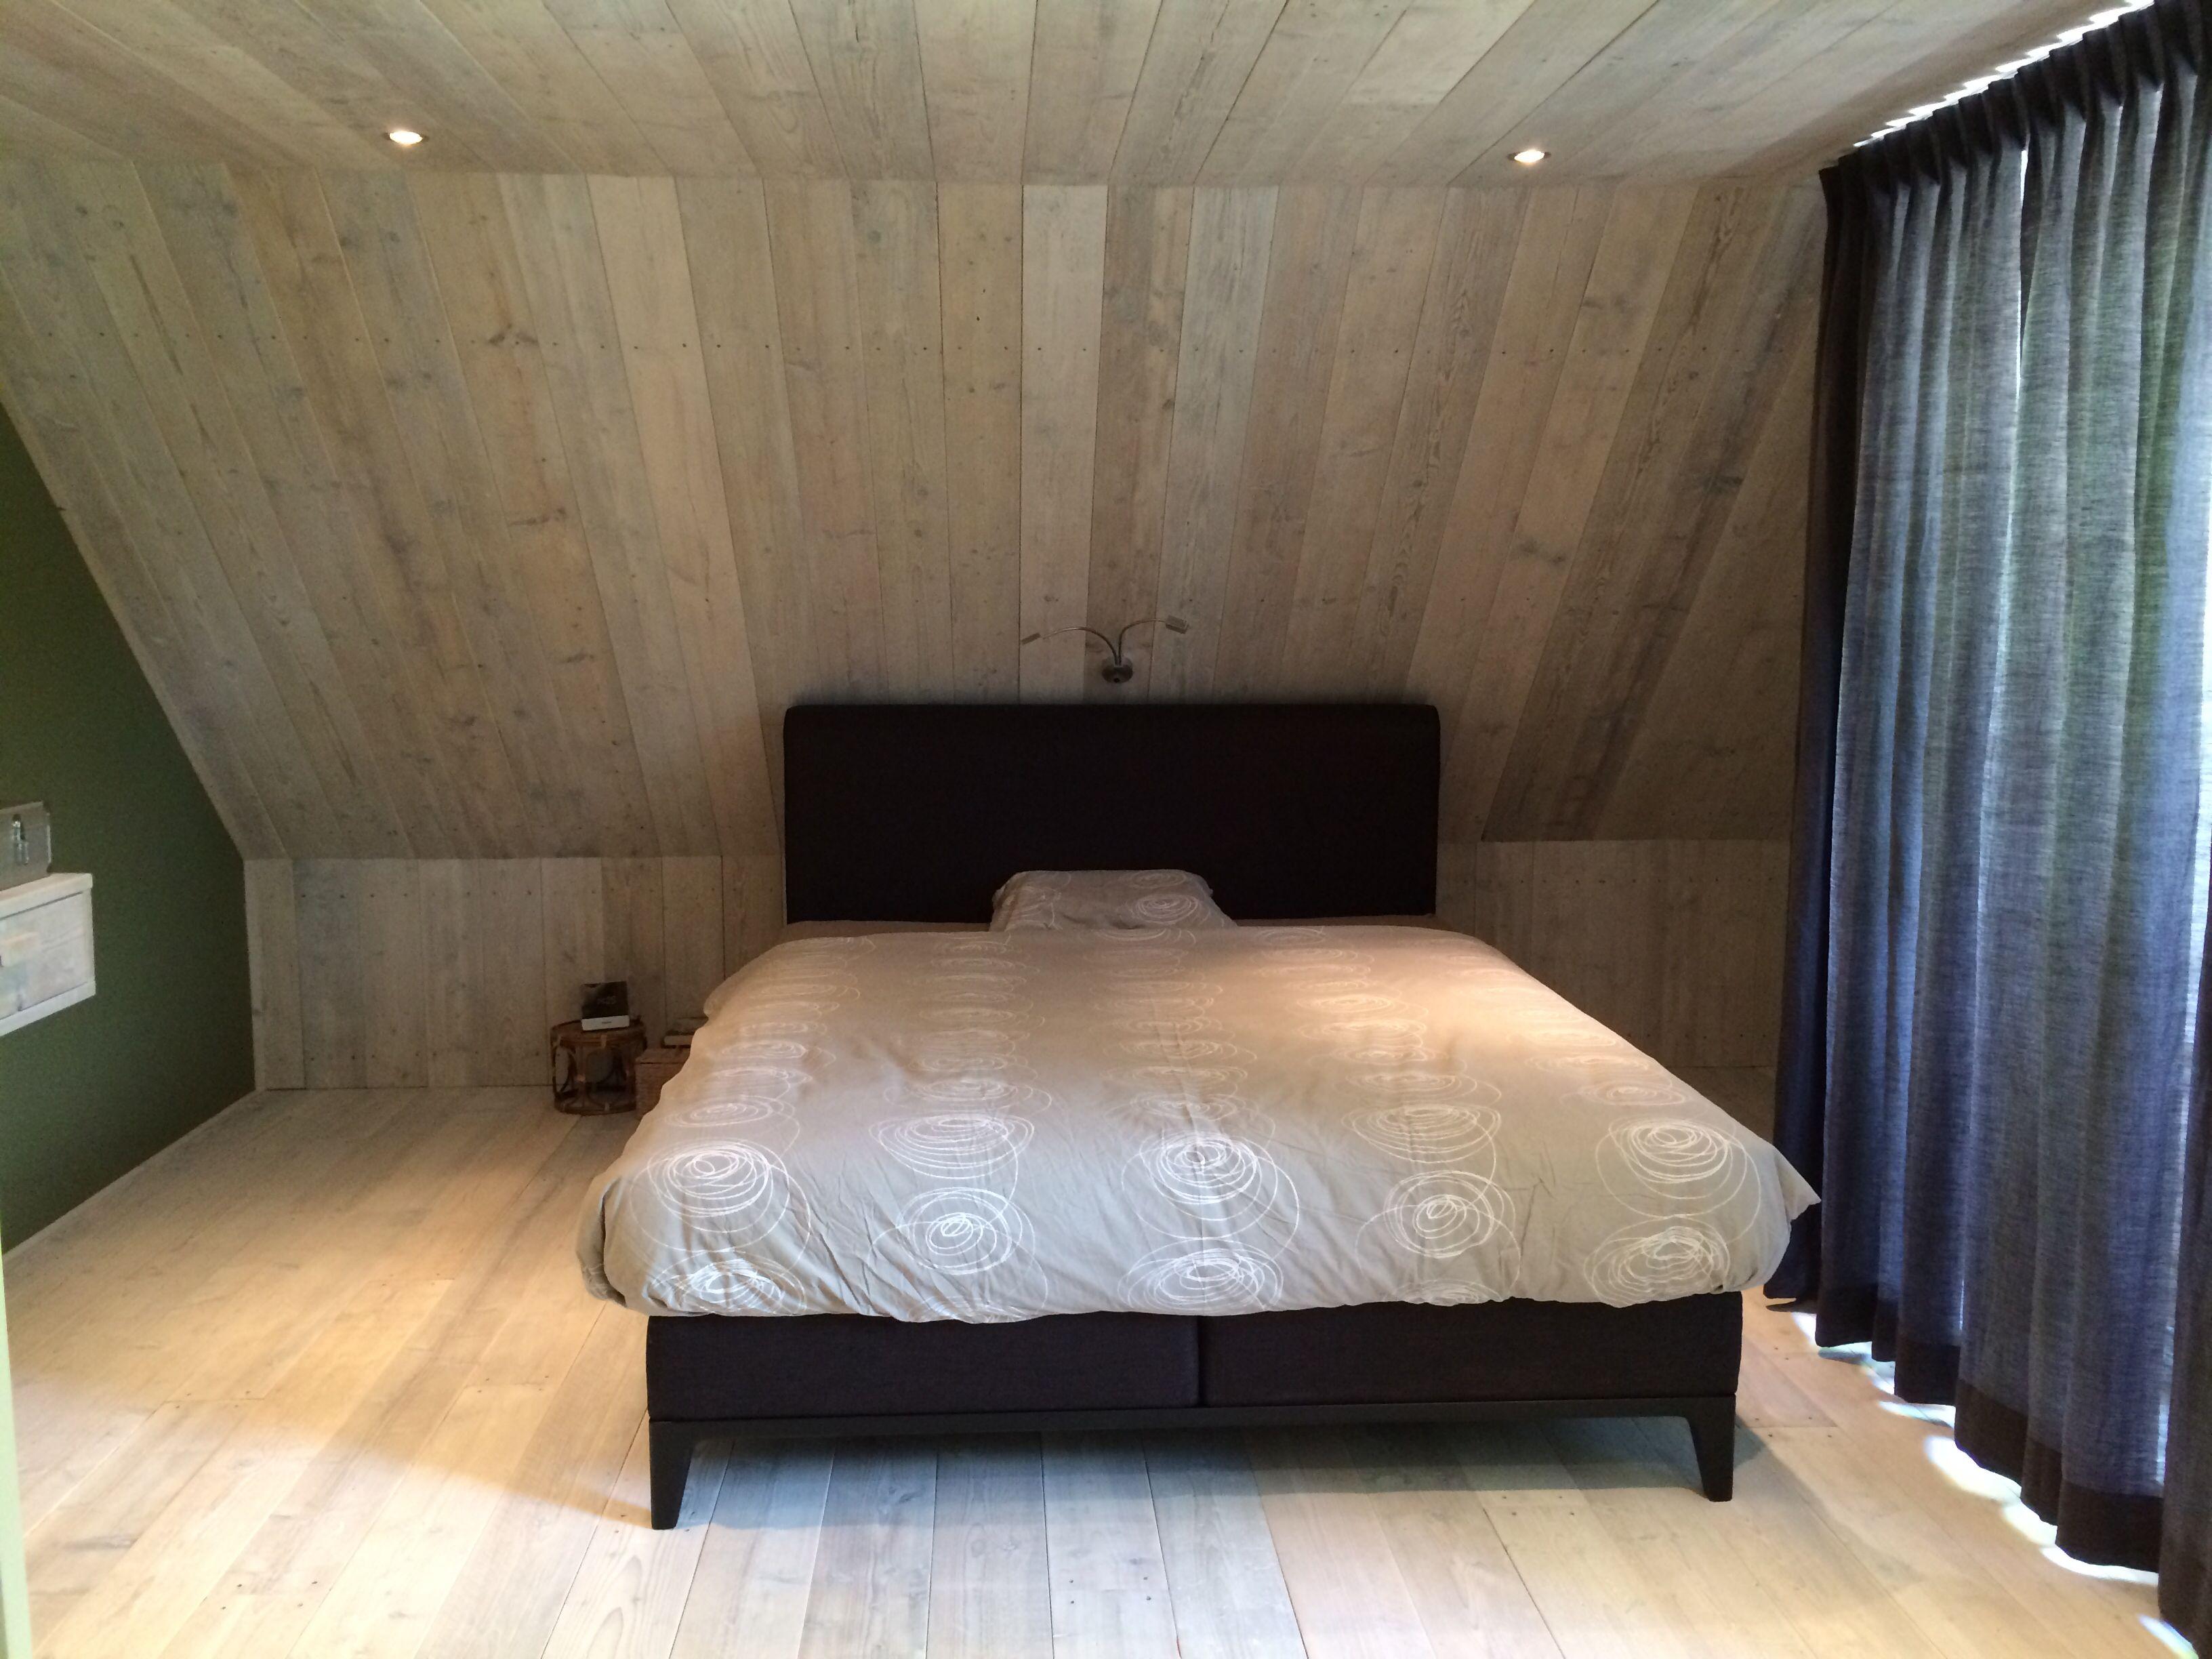 slaapkamer waarvan plafond vloer en schuine wand zijn afgewerkt met steigerhout in whitewash alles ontworpen ism opdrachtgever